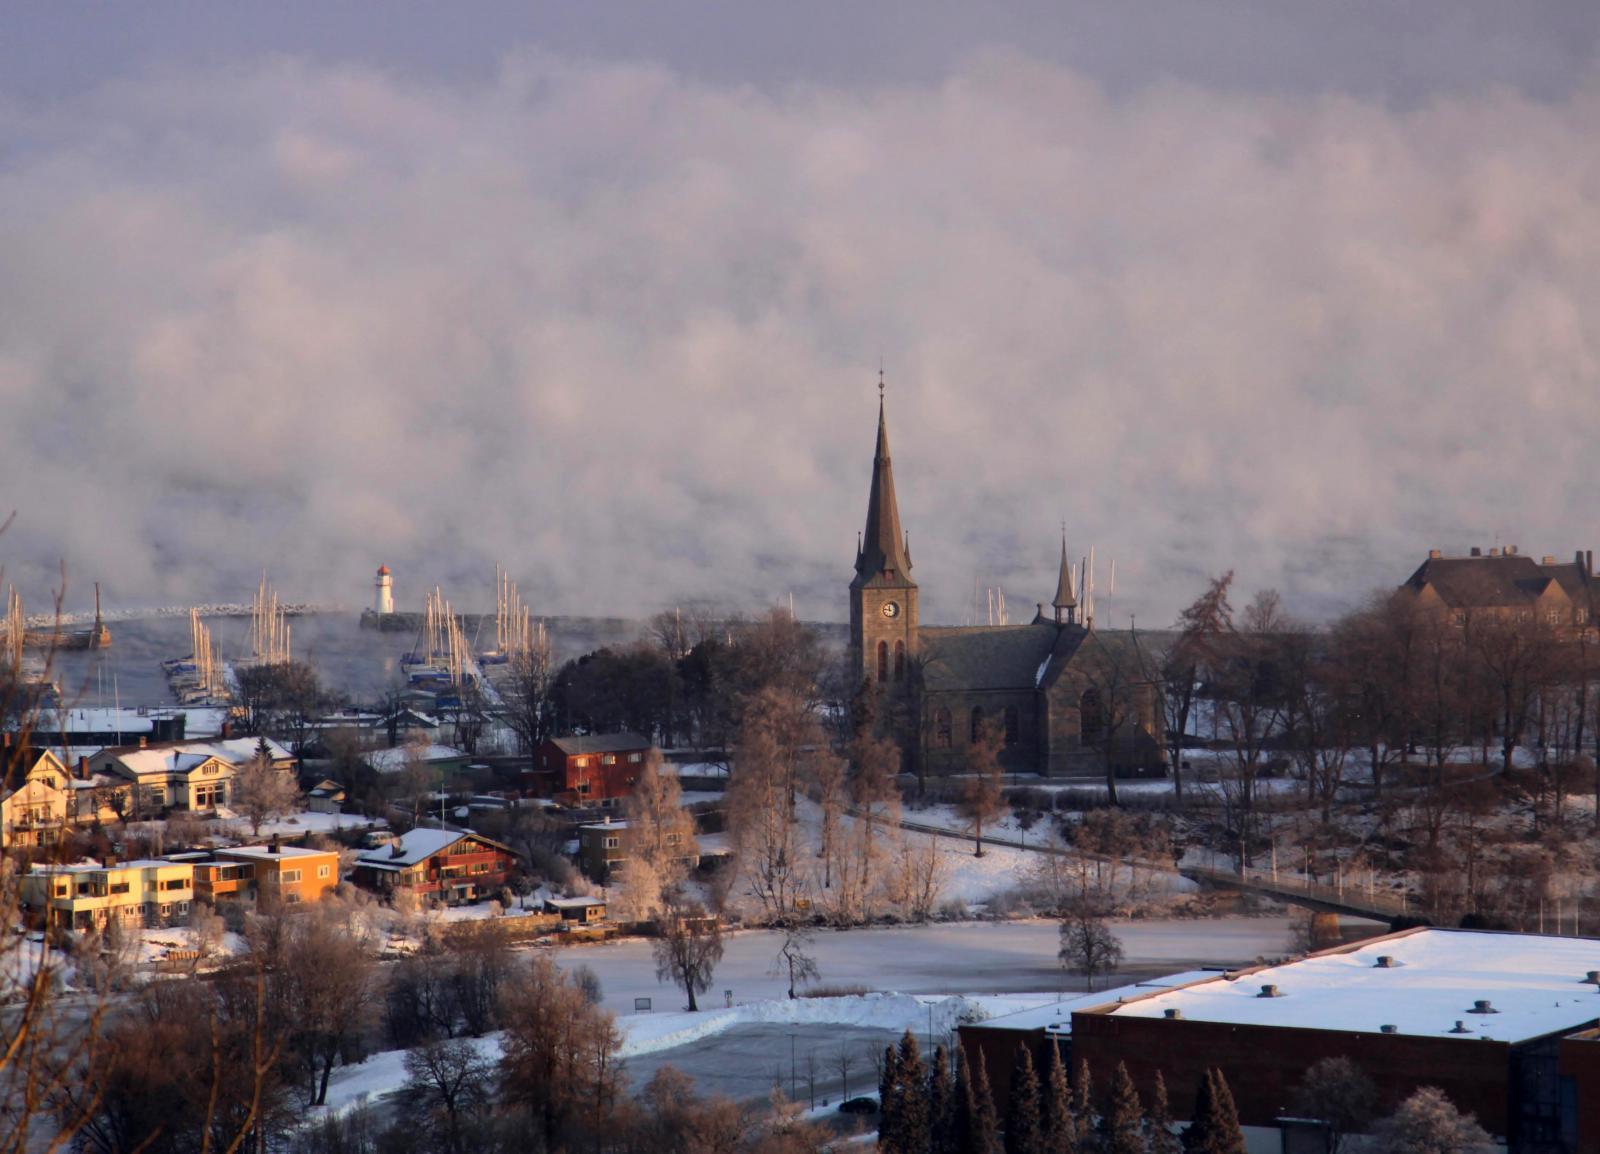 Trondheim with Nidaros Cathedral